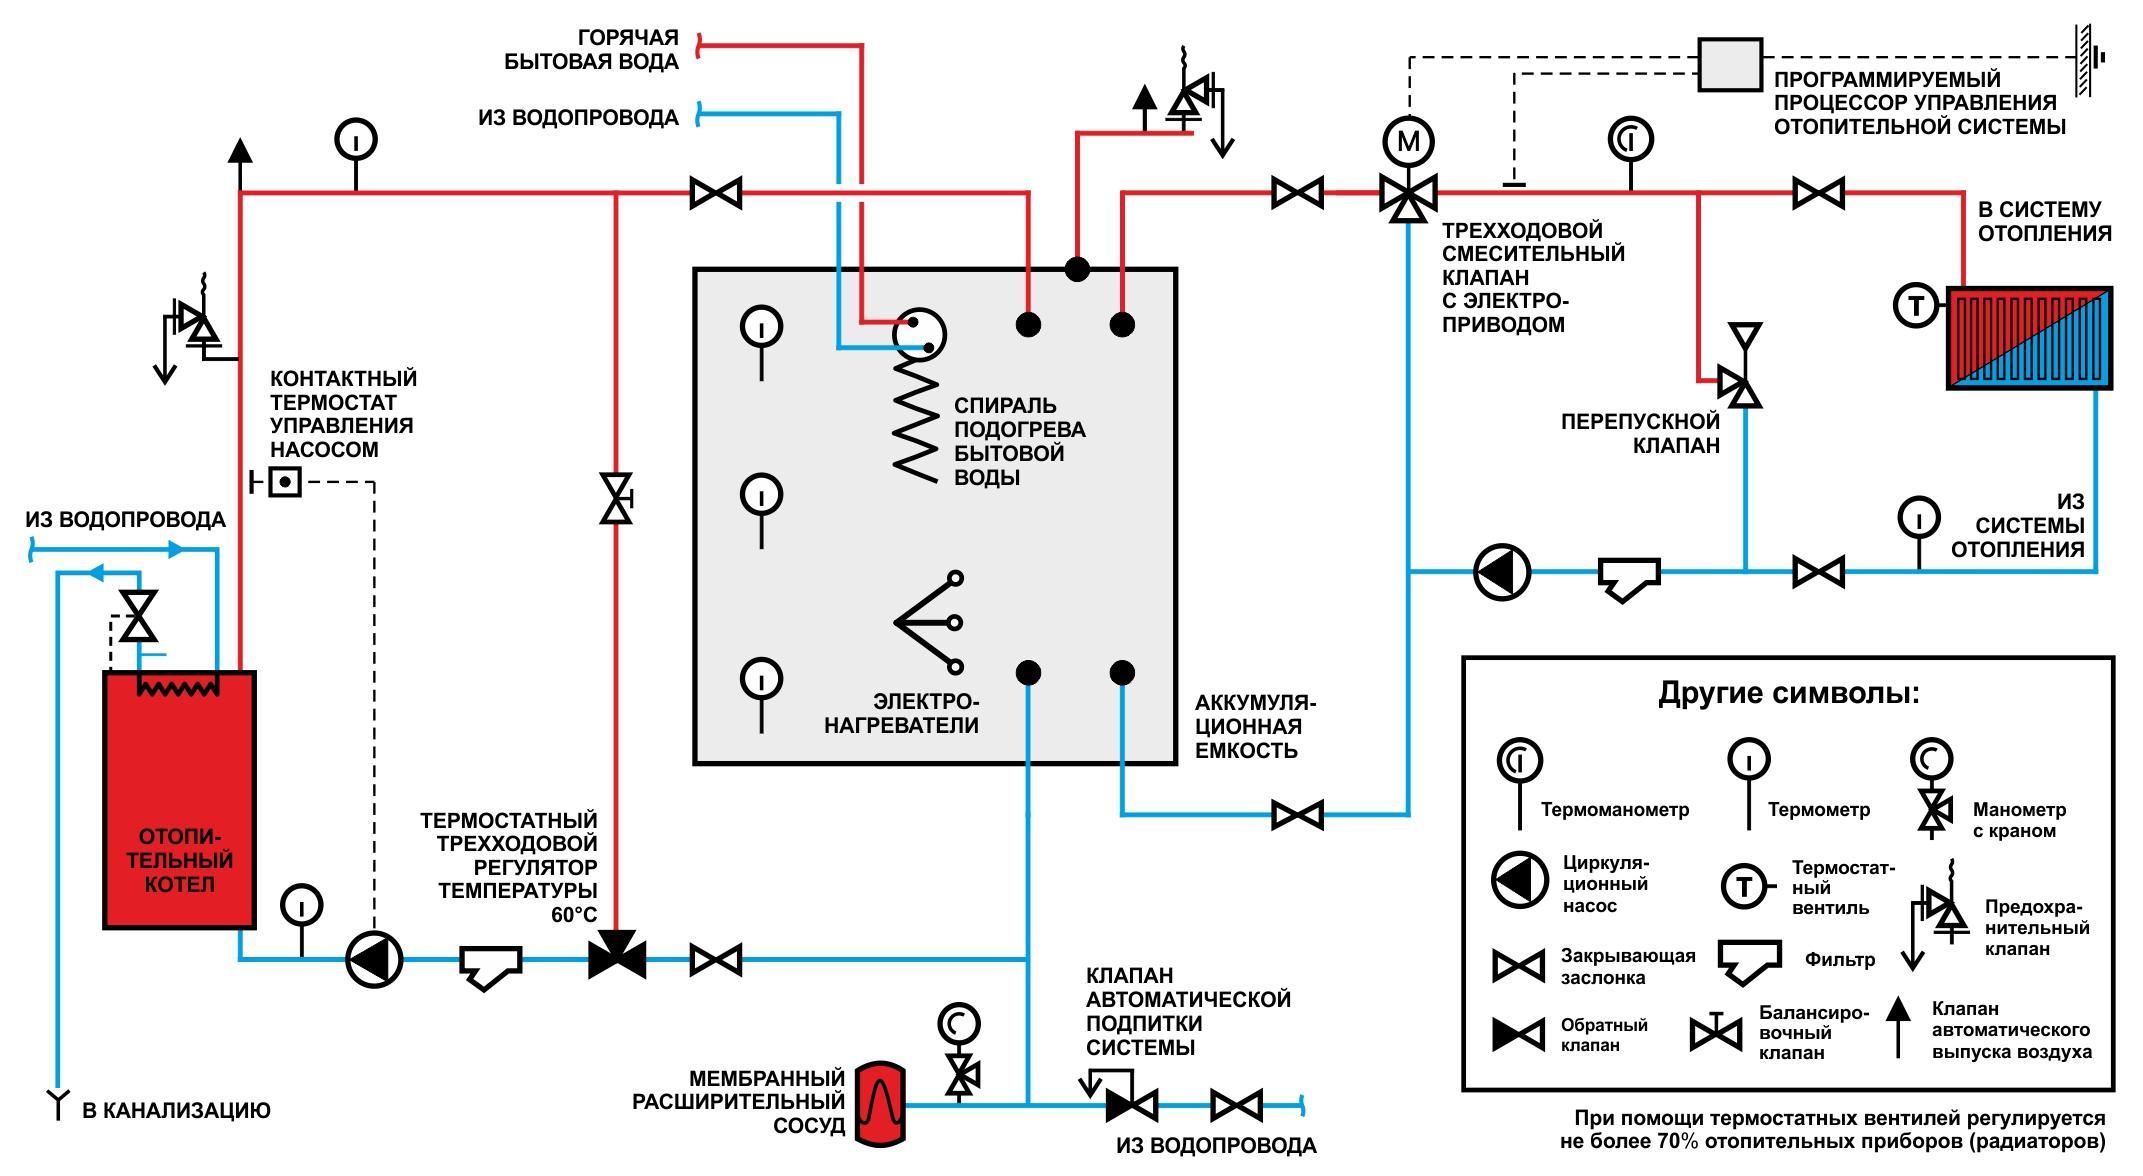 Схема автоматического регулирования и их обозначения